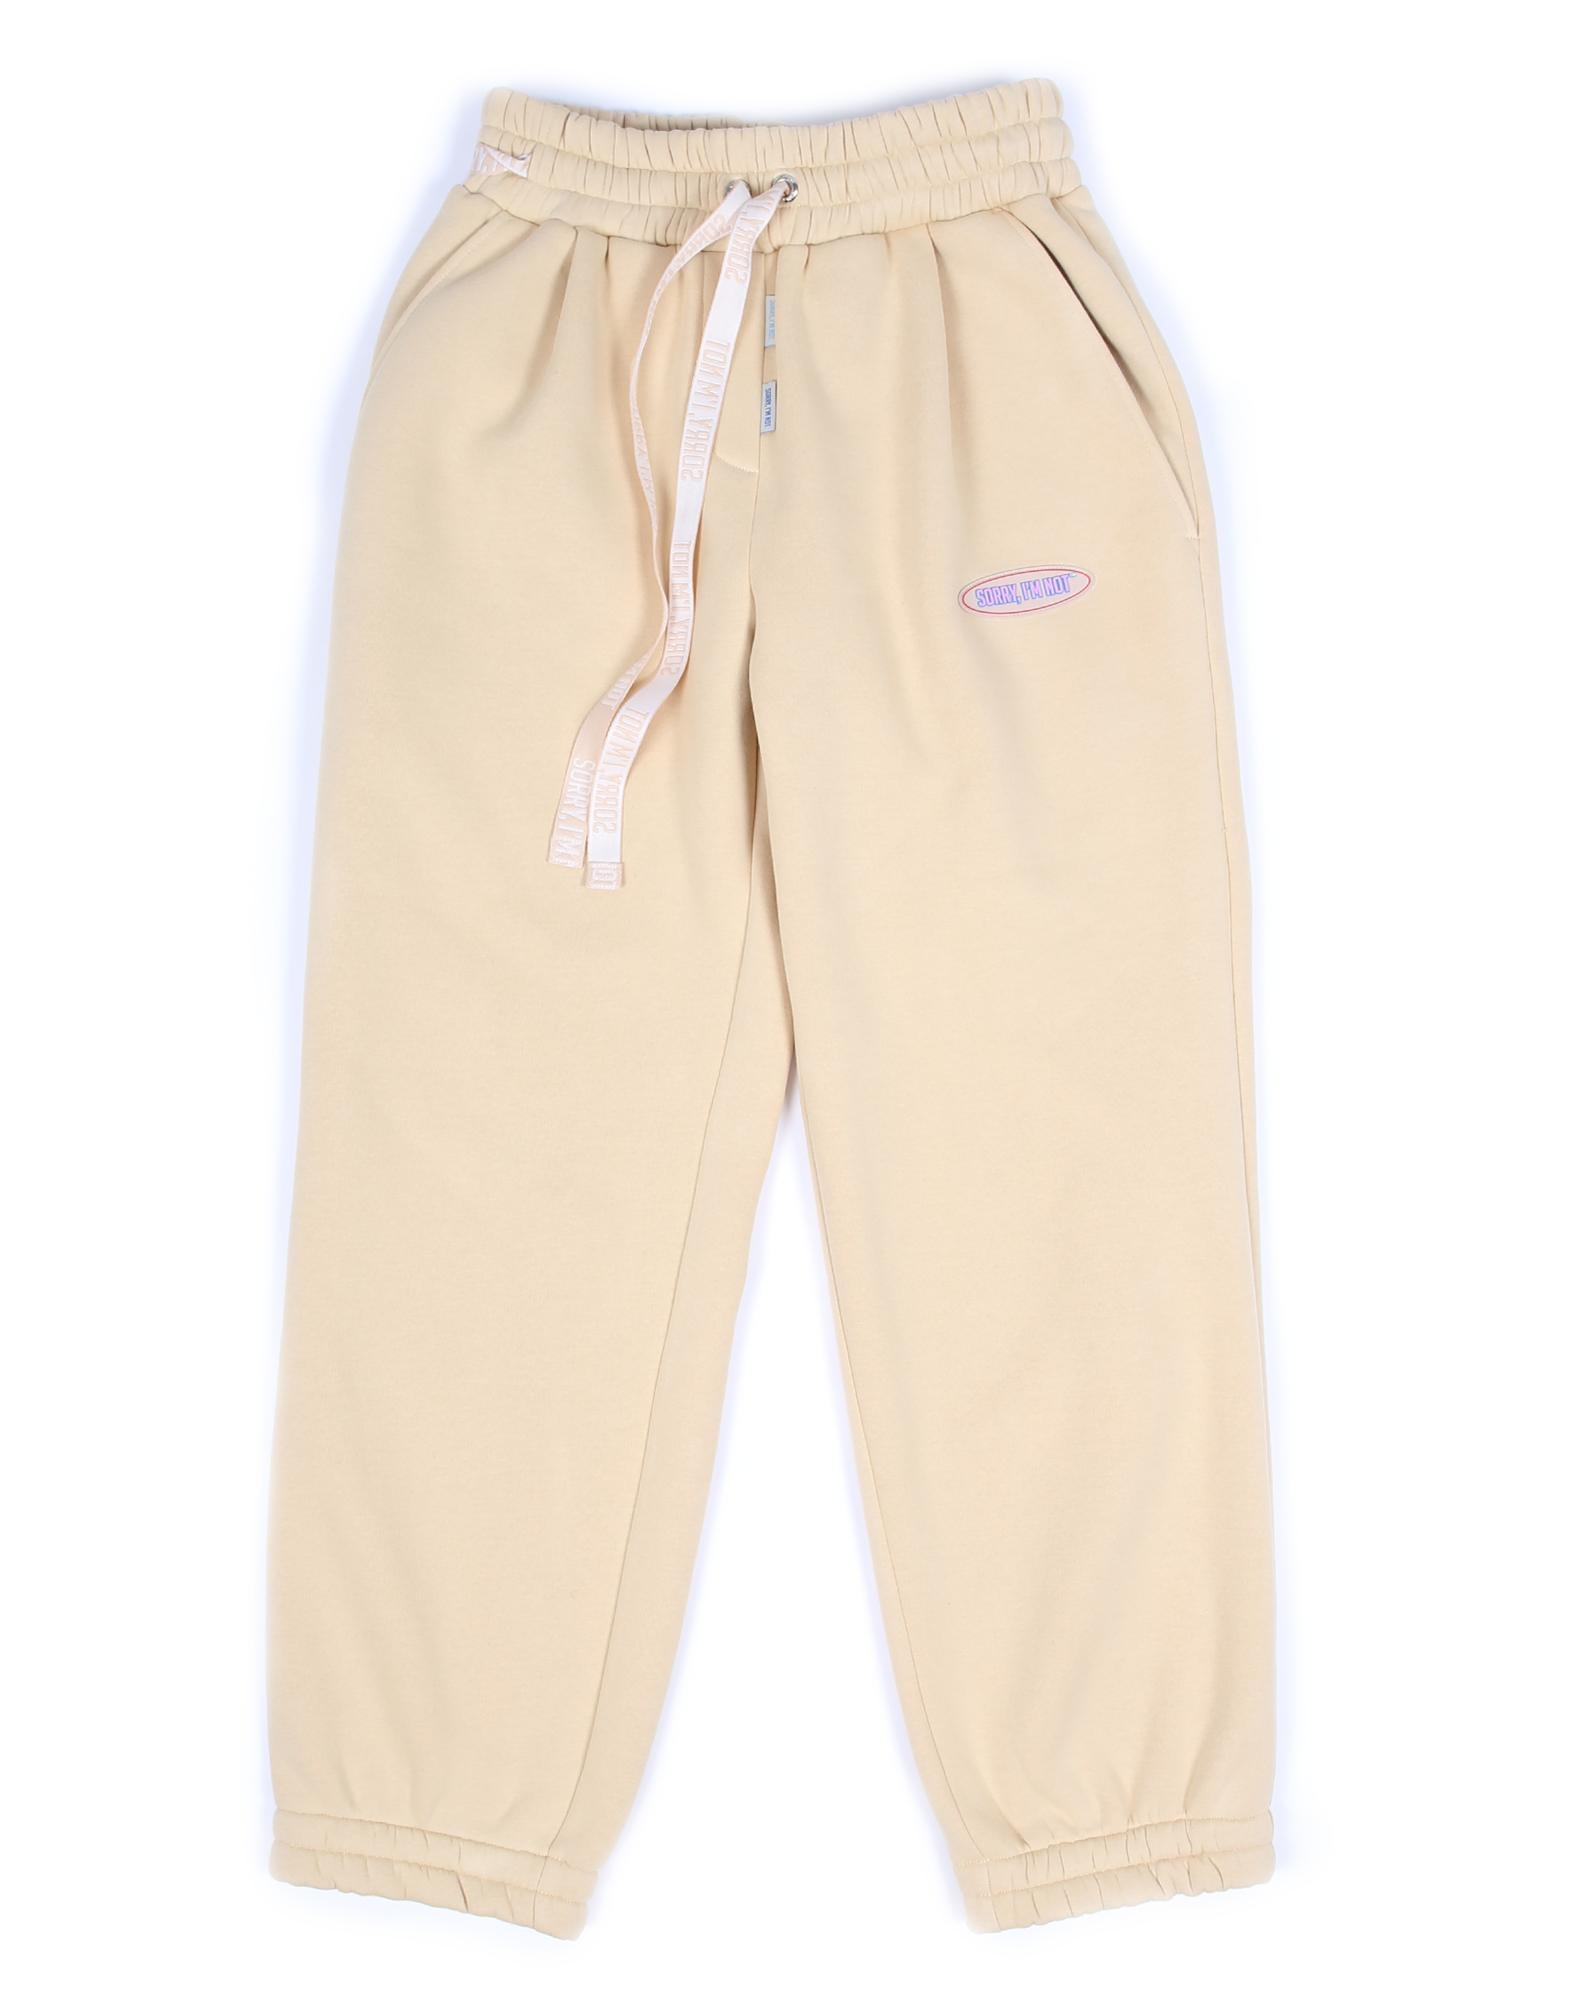 pants12